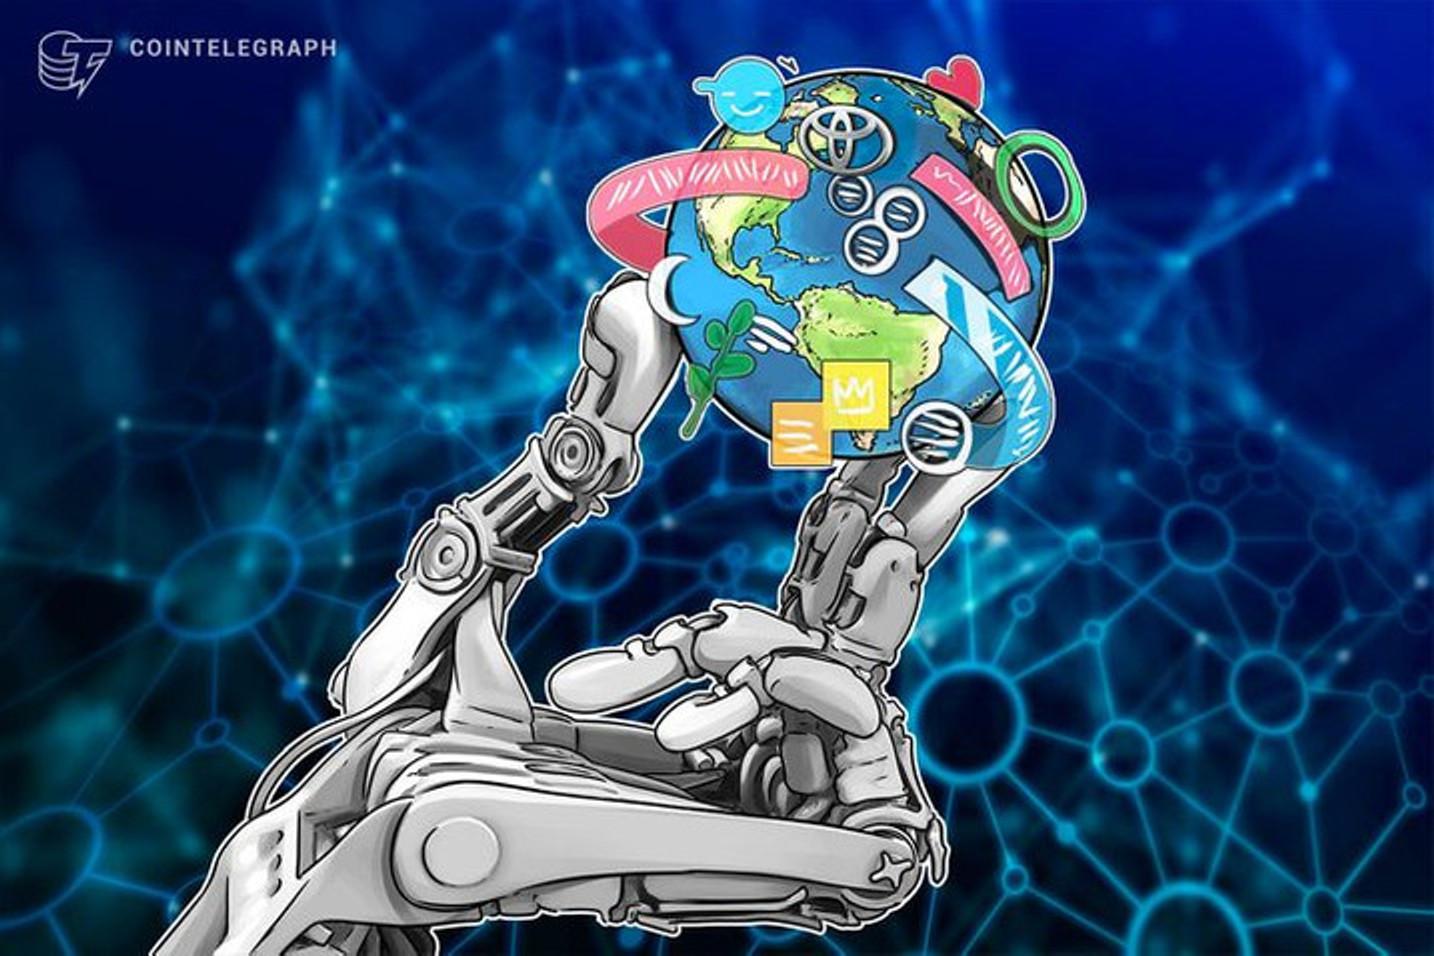 Ministério de Ciência e Tecnologia faz parceria com a Cisco para impulsionar IoT no Brasil